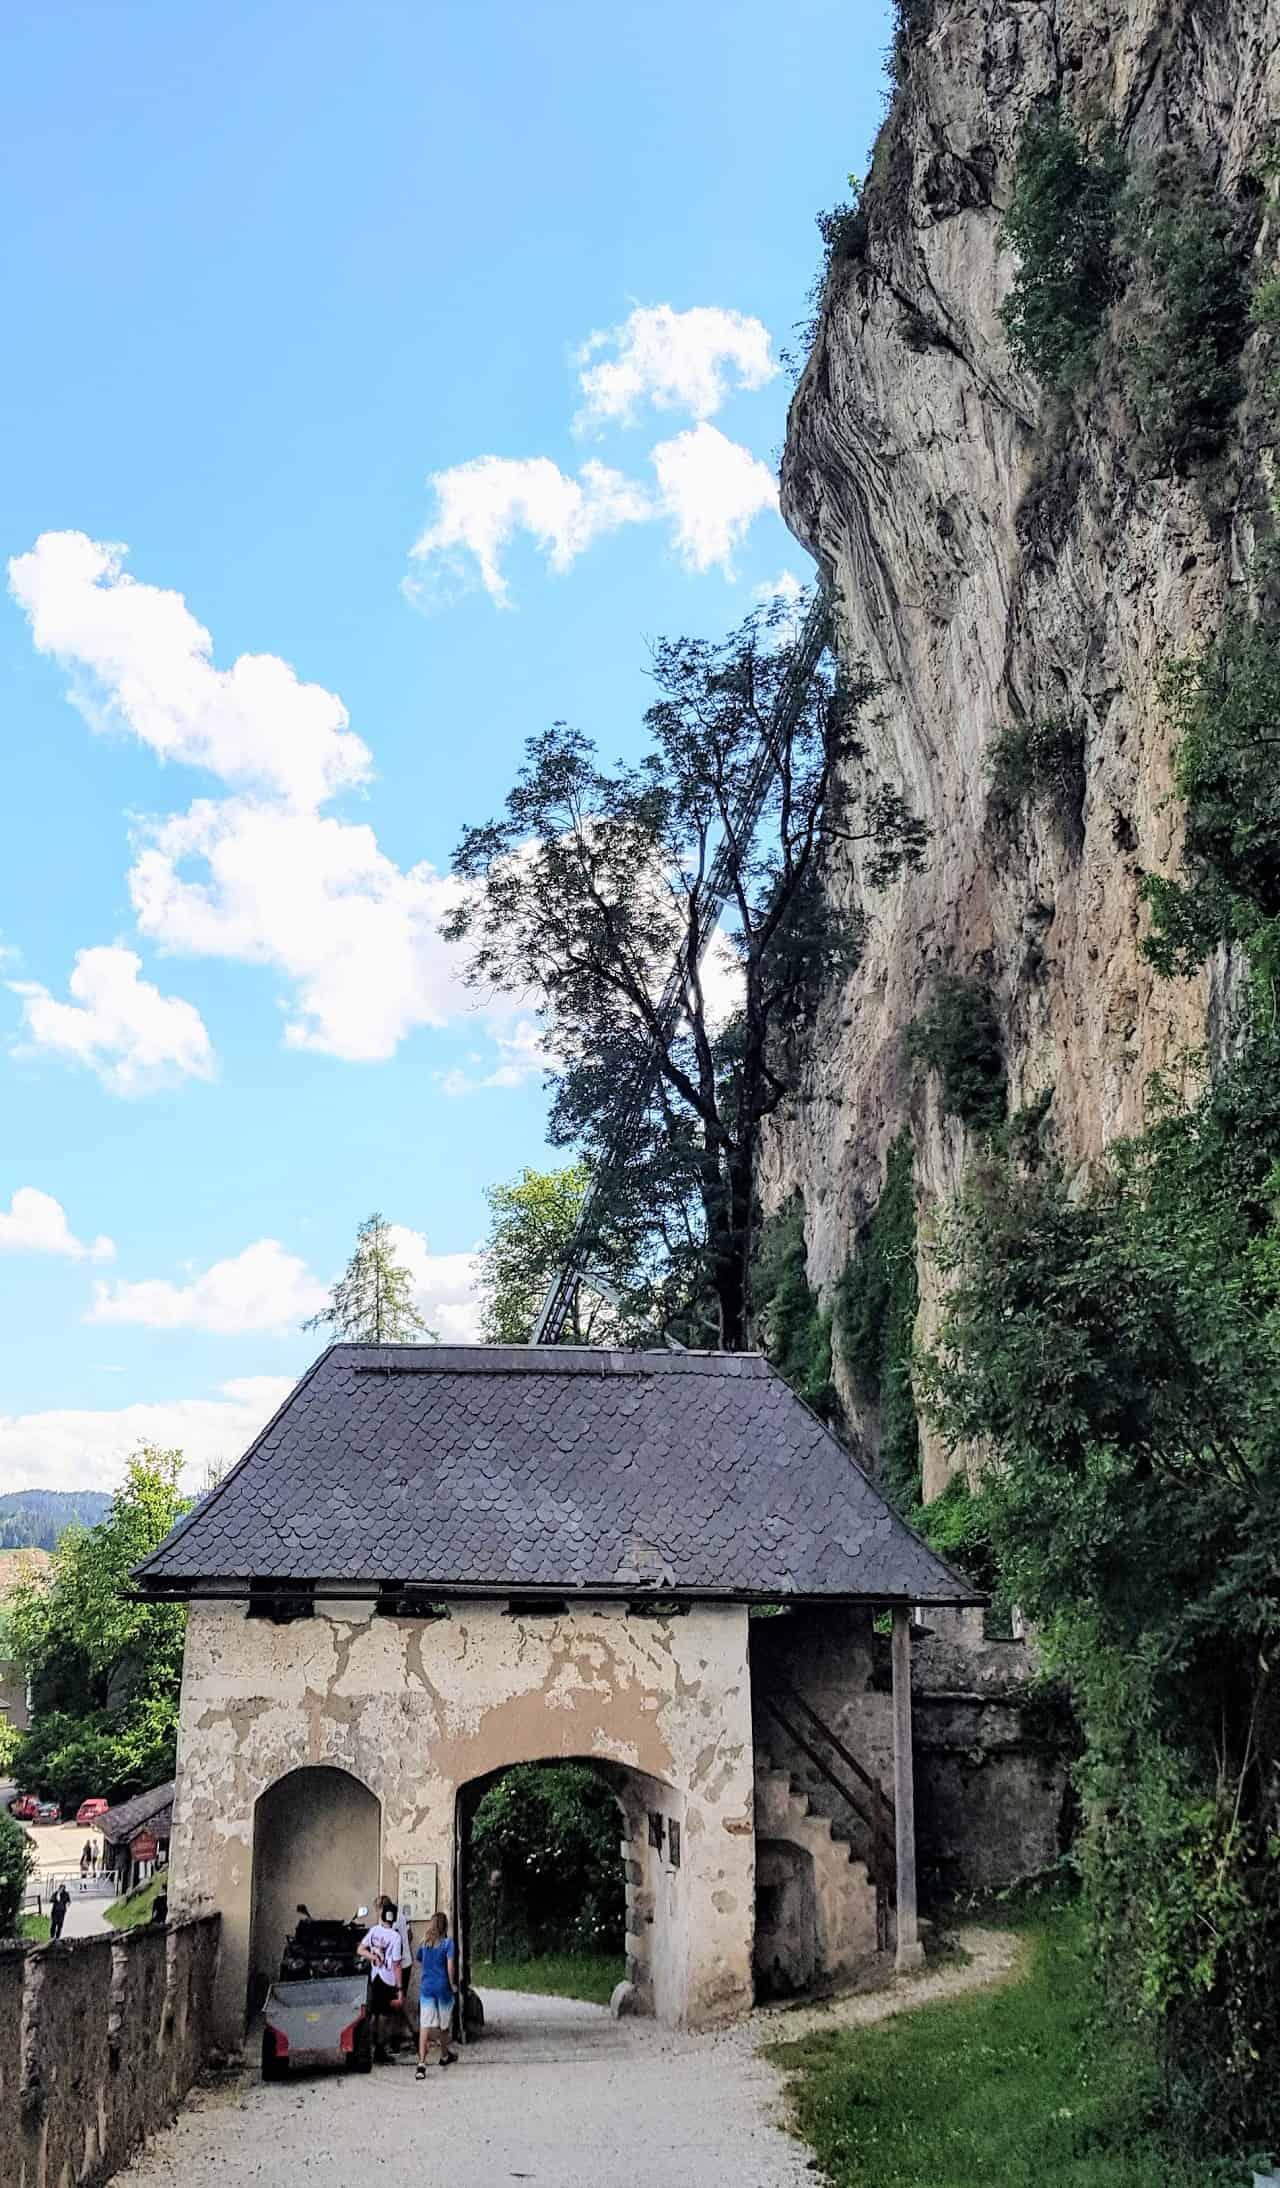 Fähnrichtor. 1. Tor Burg Hochosterwitz Rückseite - Sehenswürdigkeit & Ausflugsziel in Kärnten - Österreich Urlaub